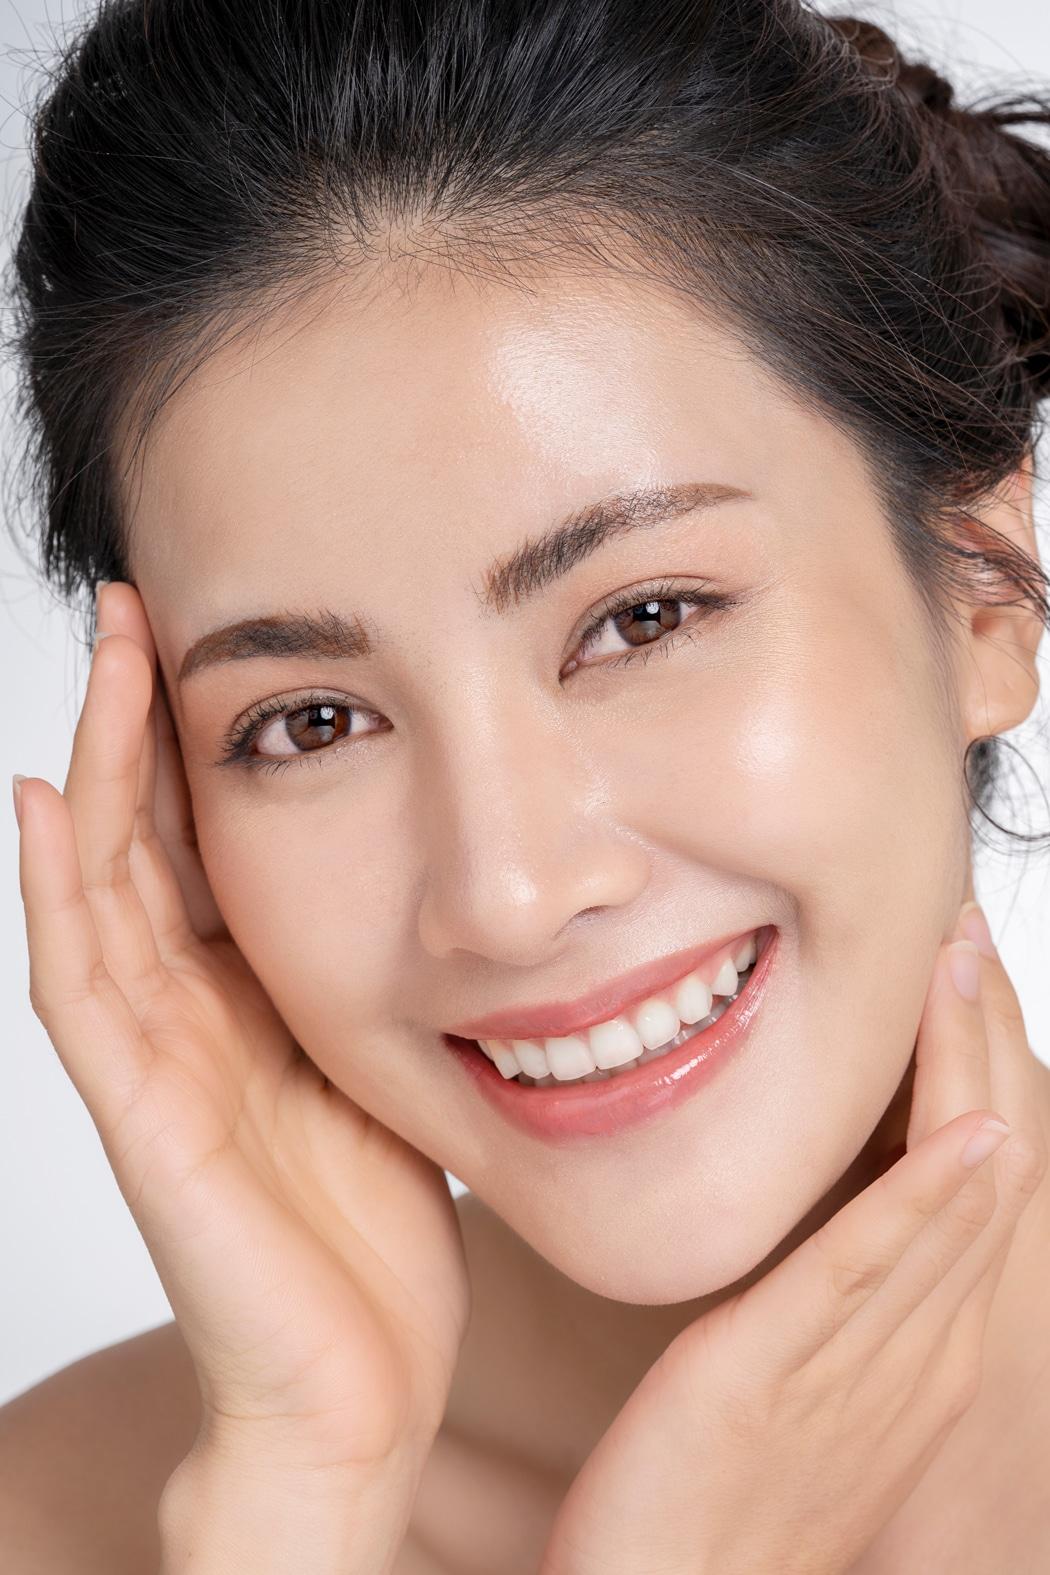 Maquillage japonais : comment se réapproprier les rituels beauté des japonaises ?